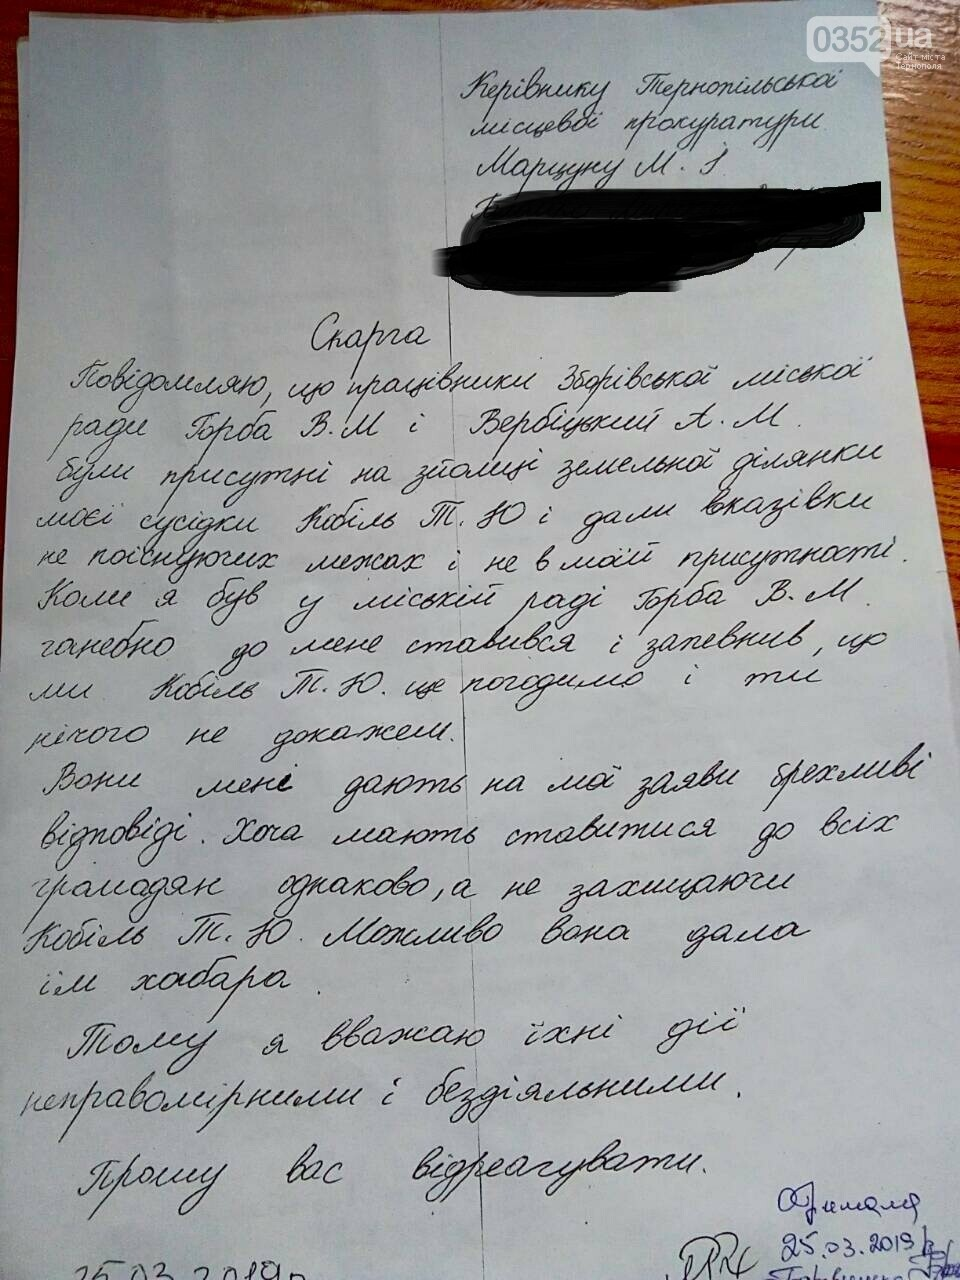 Чоловік з Тернопільщини підозрює двох працівників міськради у махінаціях із землею (ФОТО), фото-1